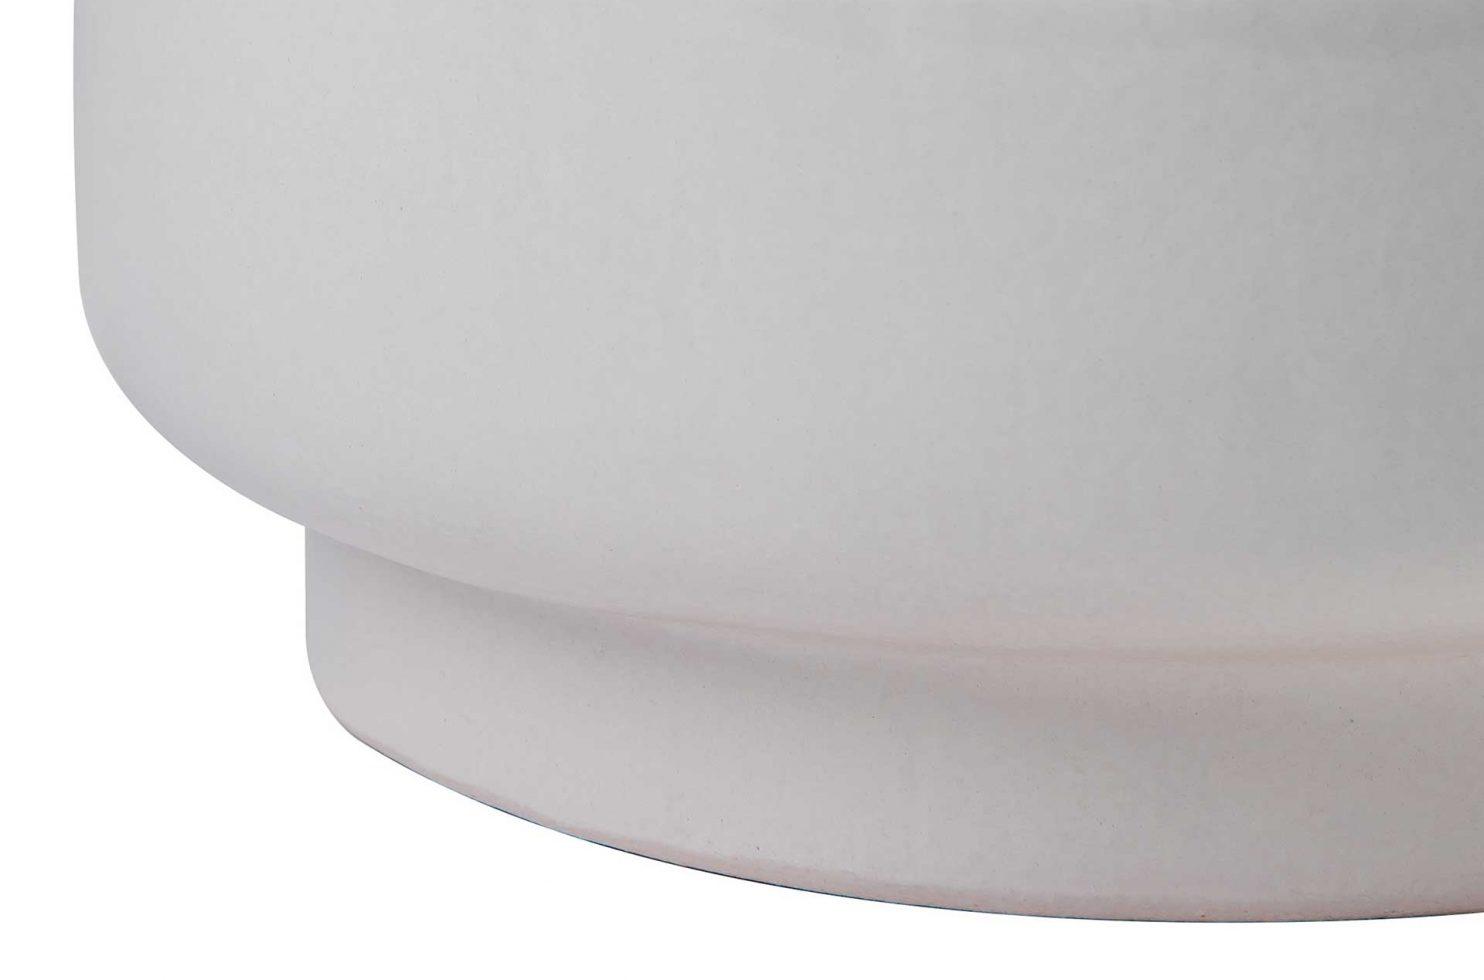 prov cer balance stool 18in C30804534 linen dtl2 web